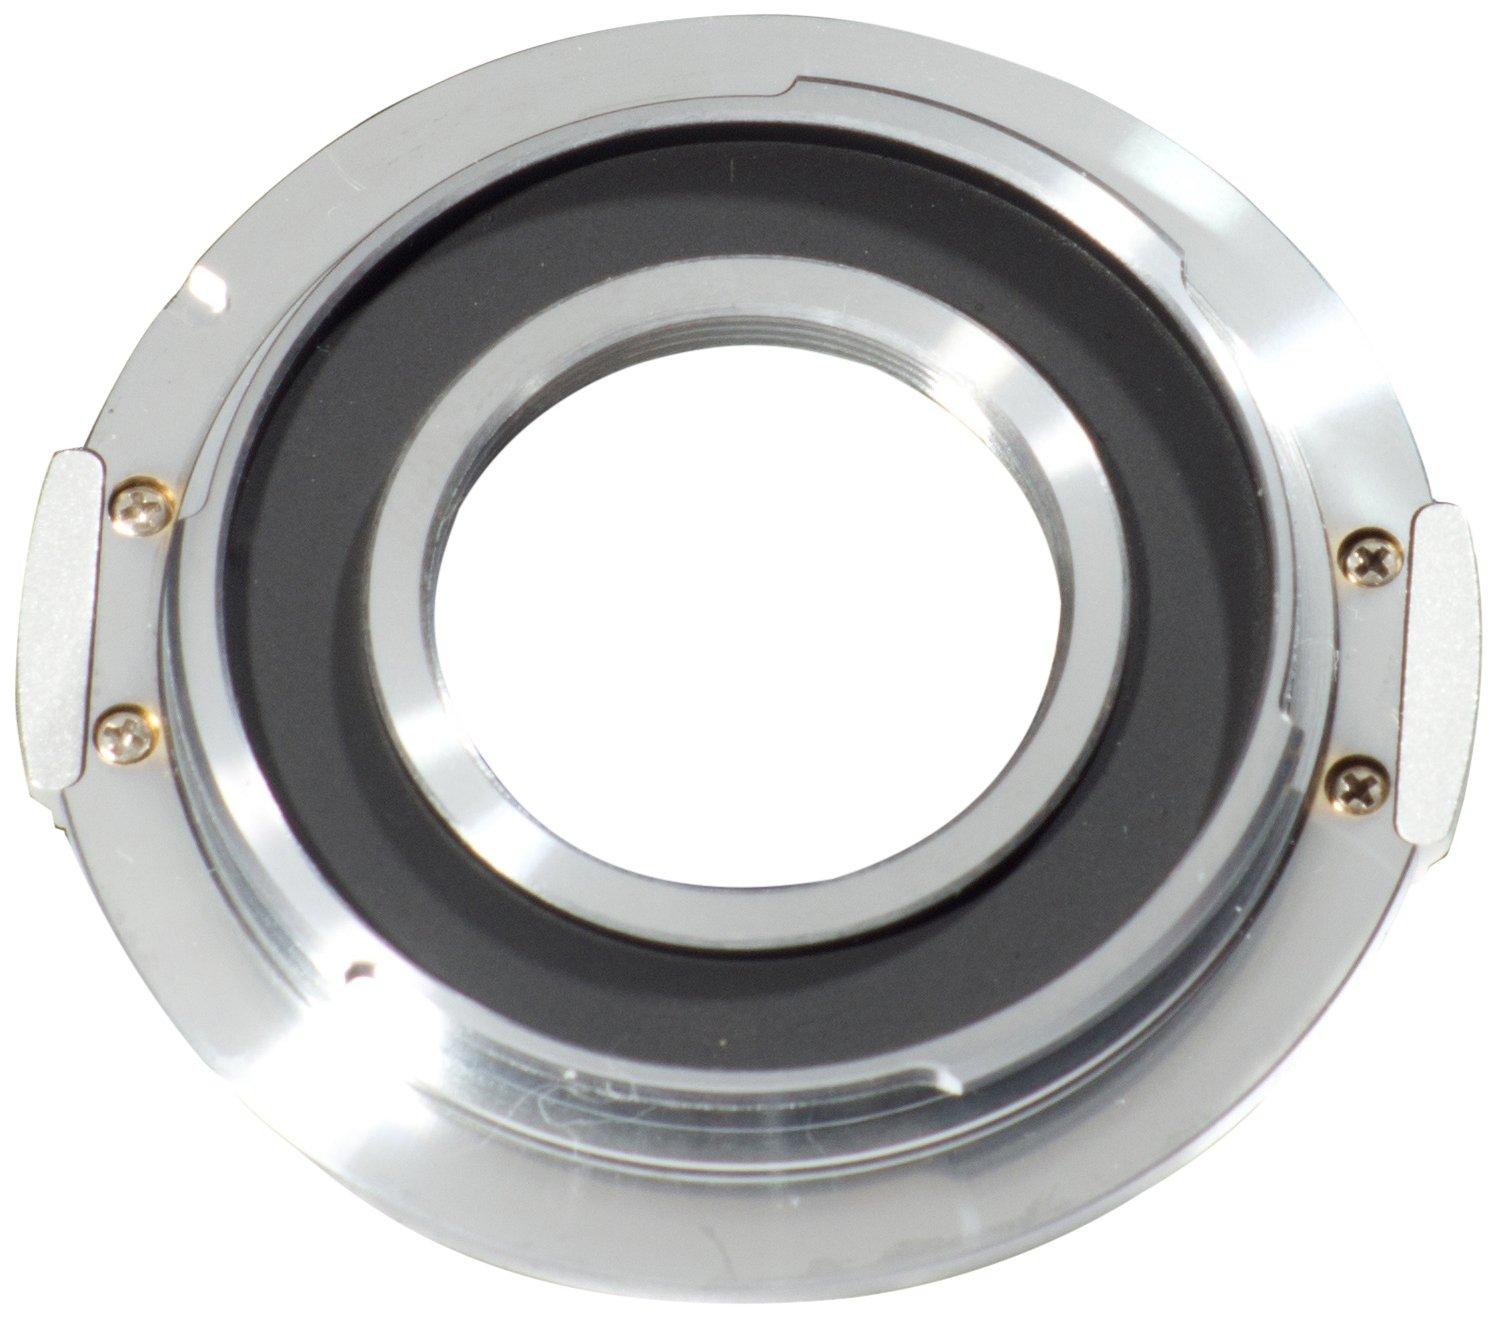 sony e mount manual lens